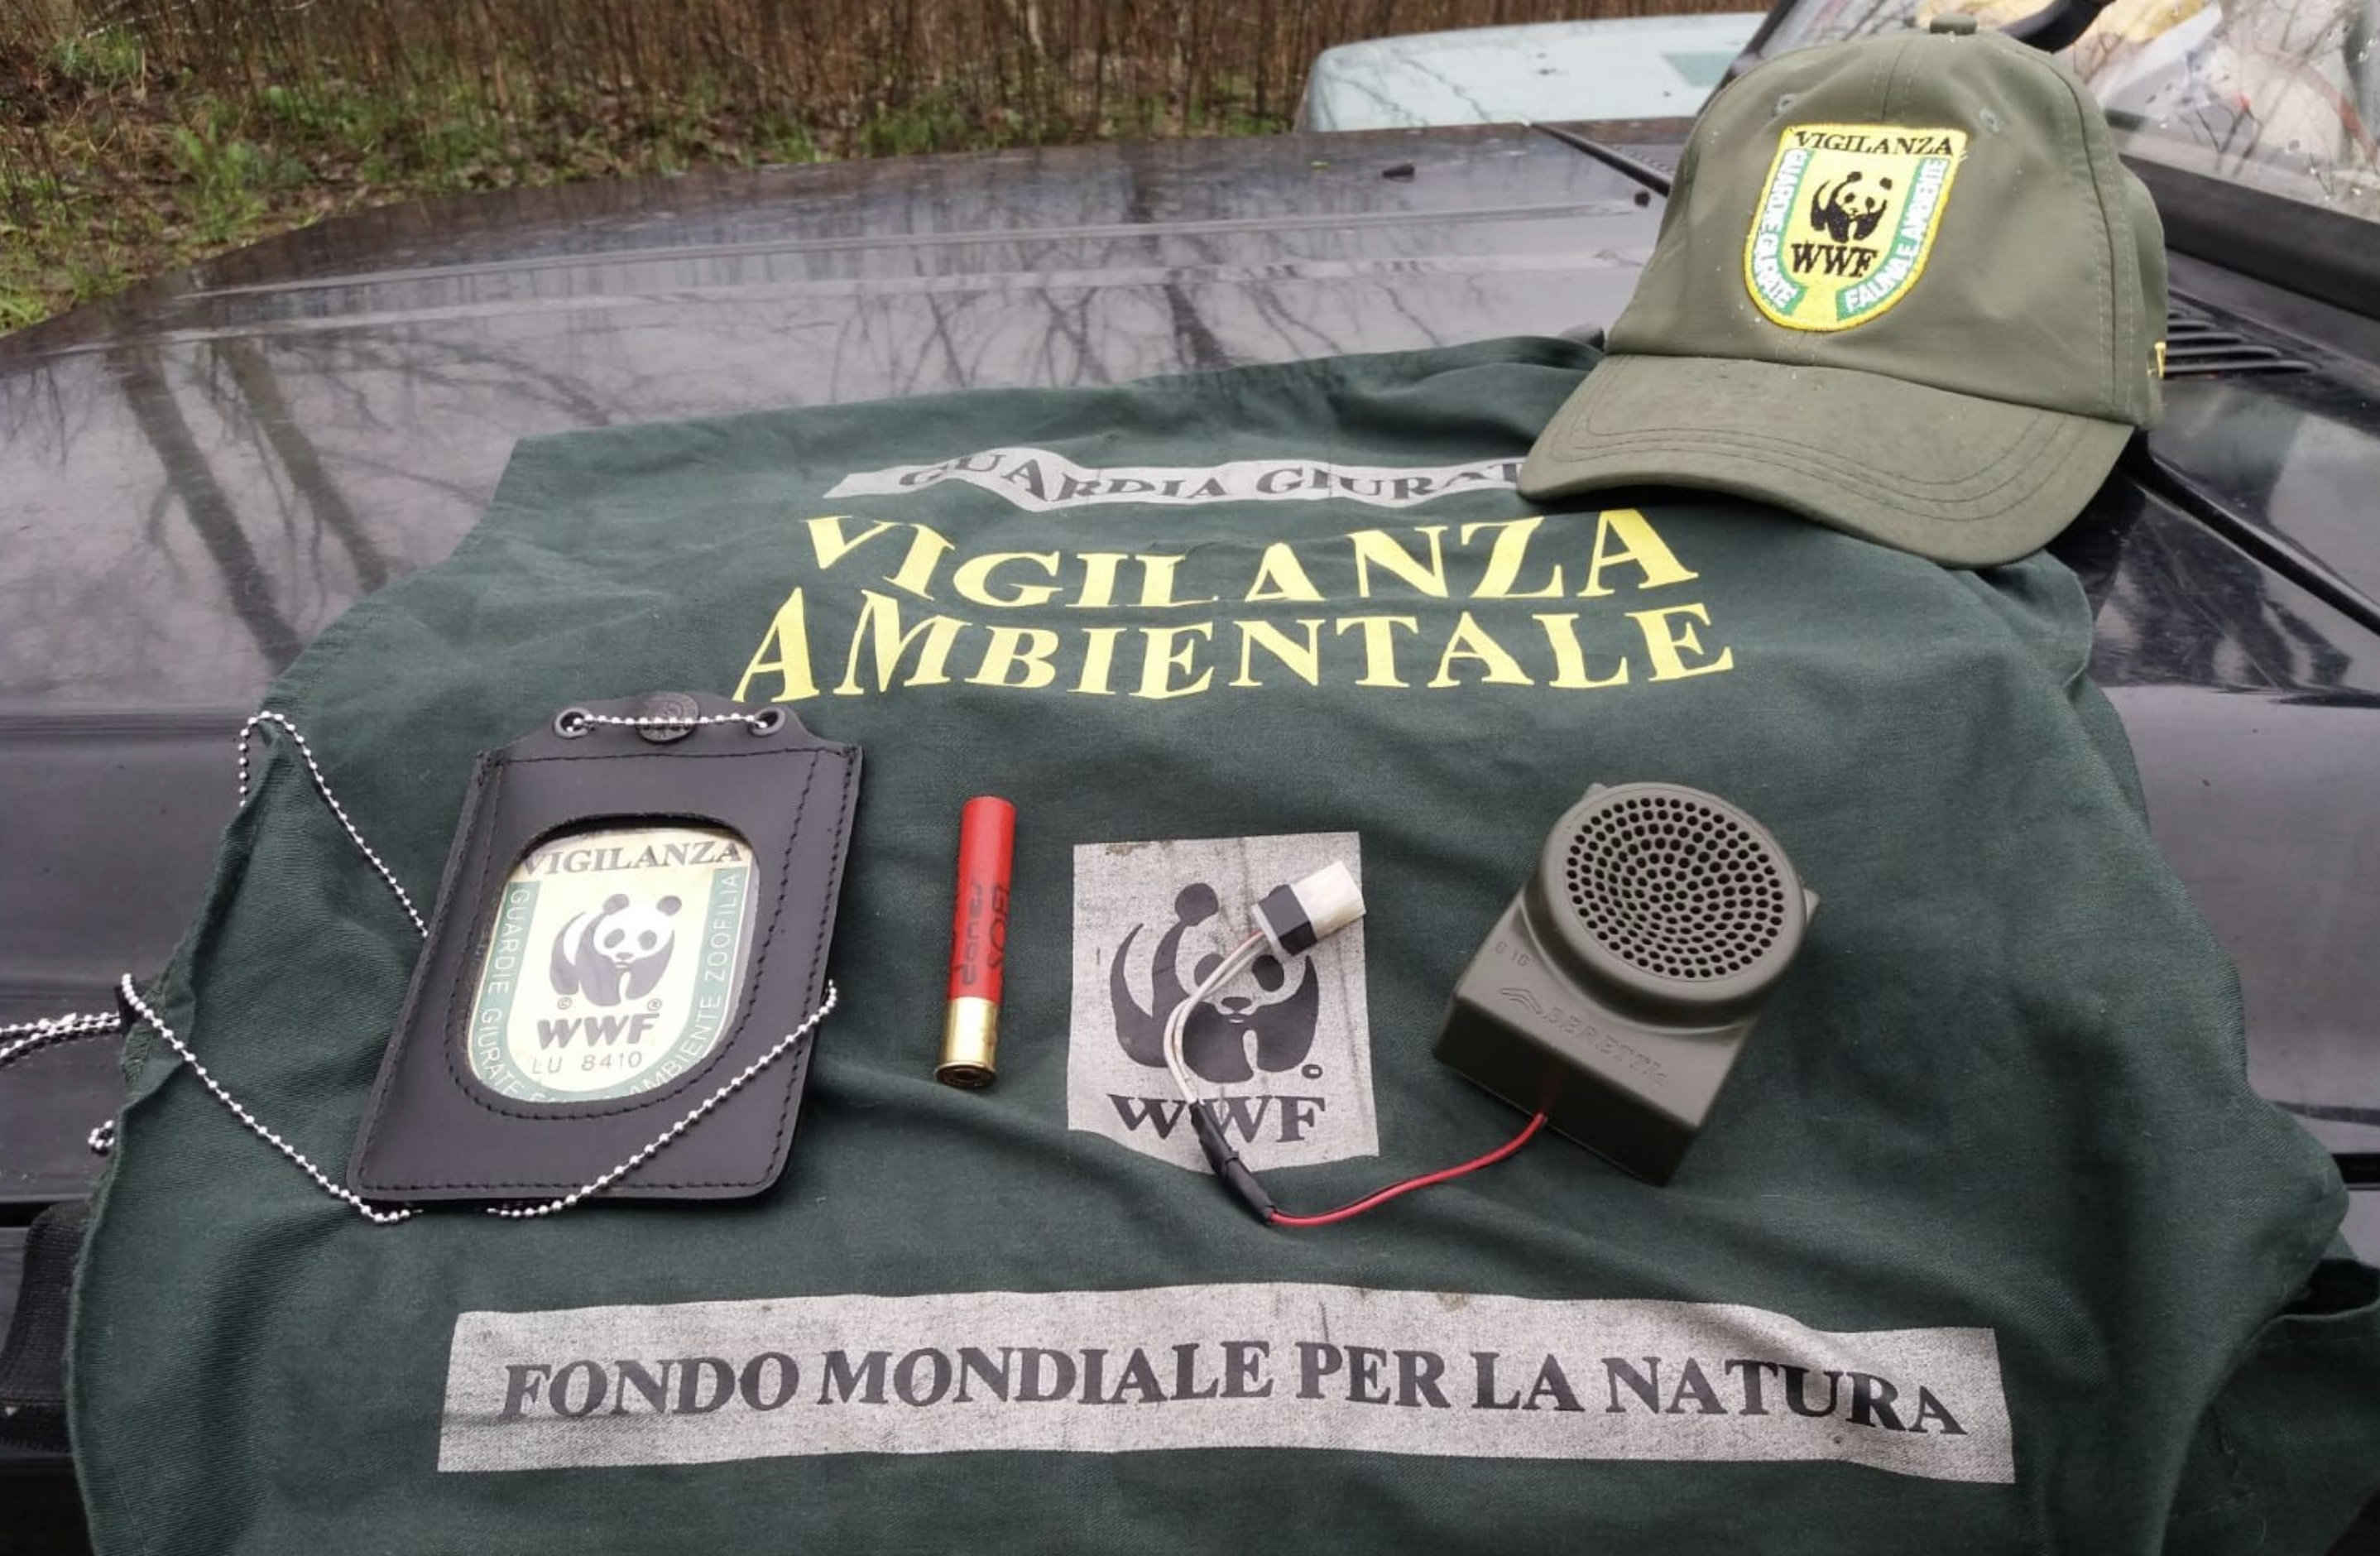 Wwf contro la caccia